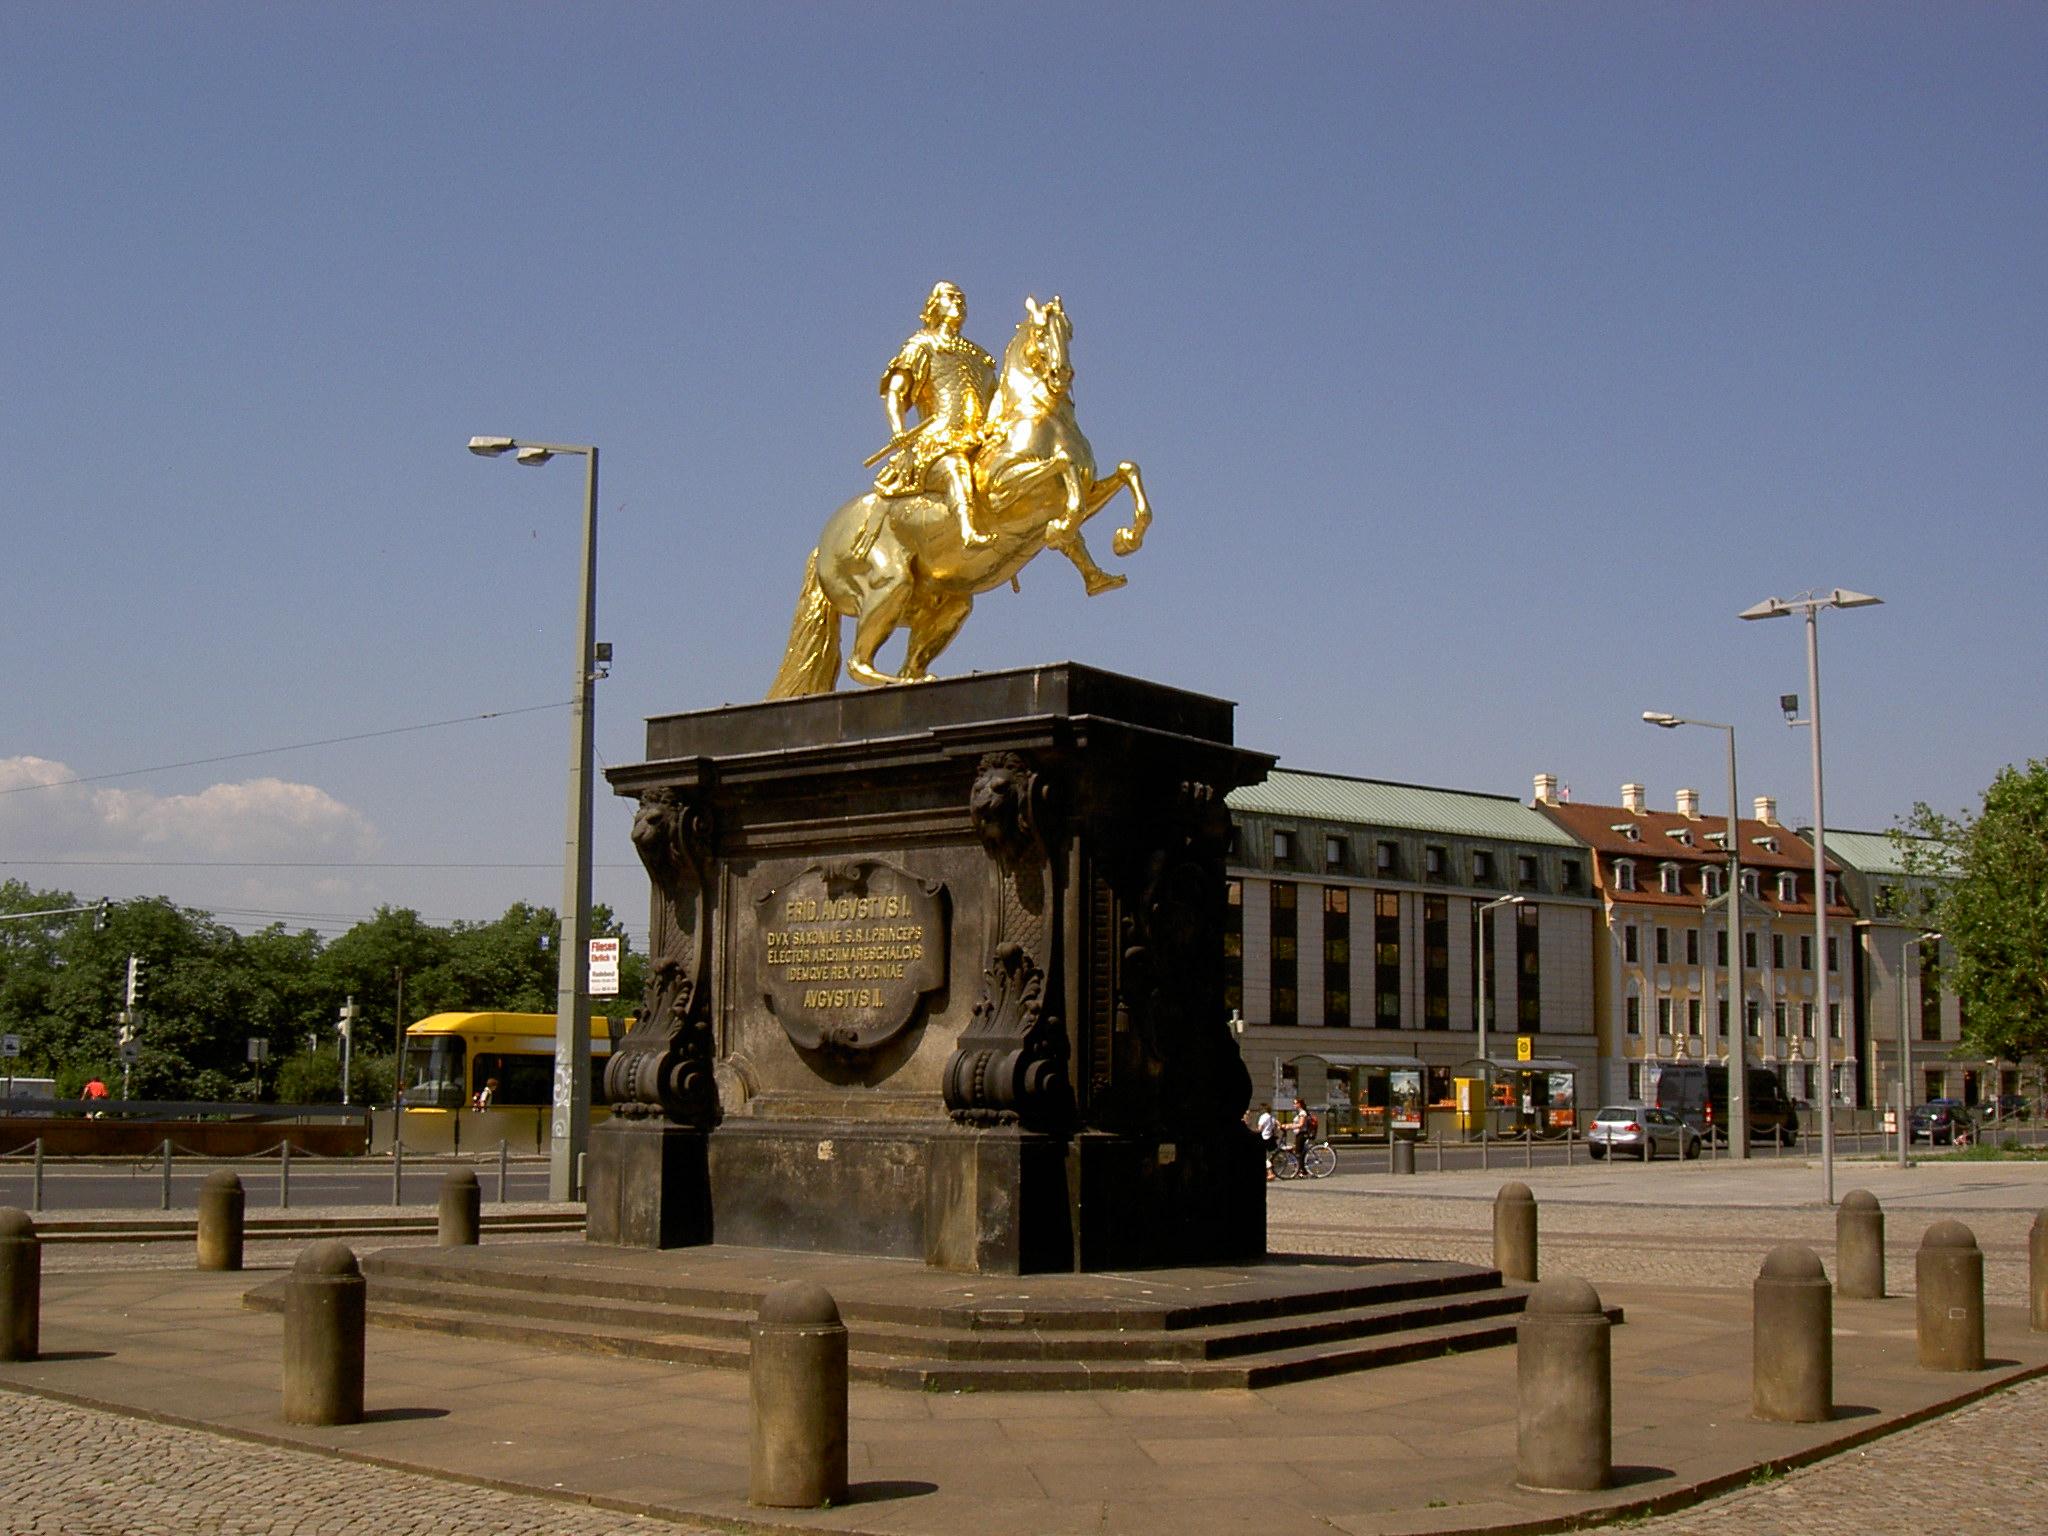 Der Goldene Reiter Dresden File:dresden Goldener Reiter